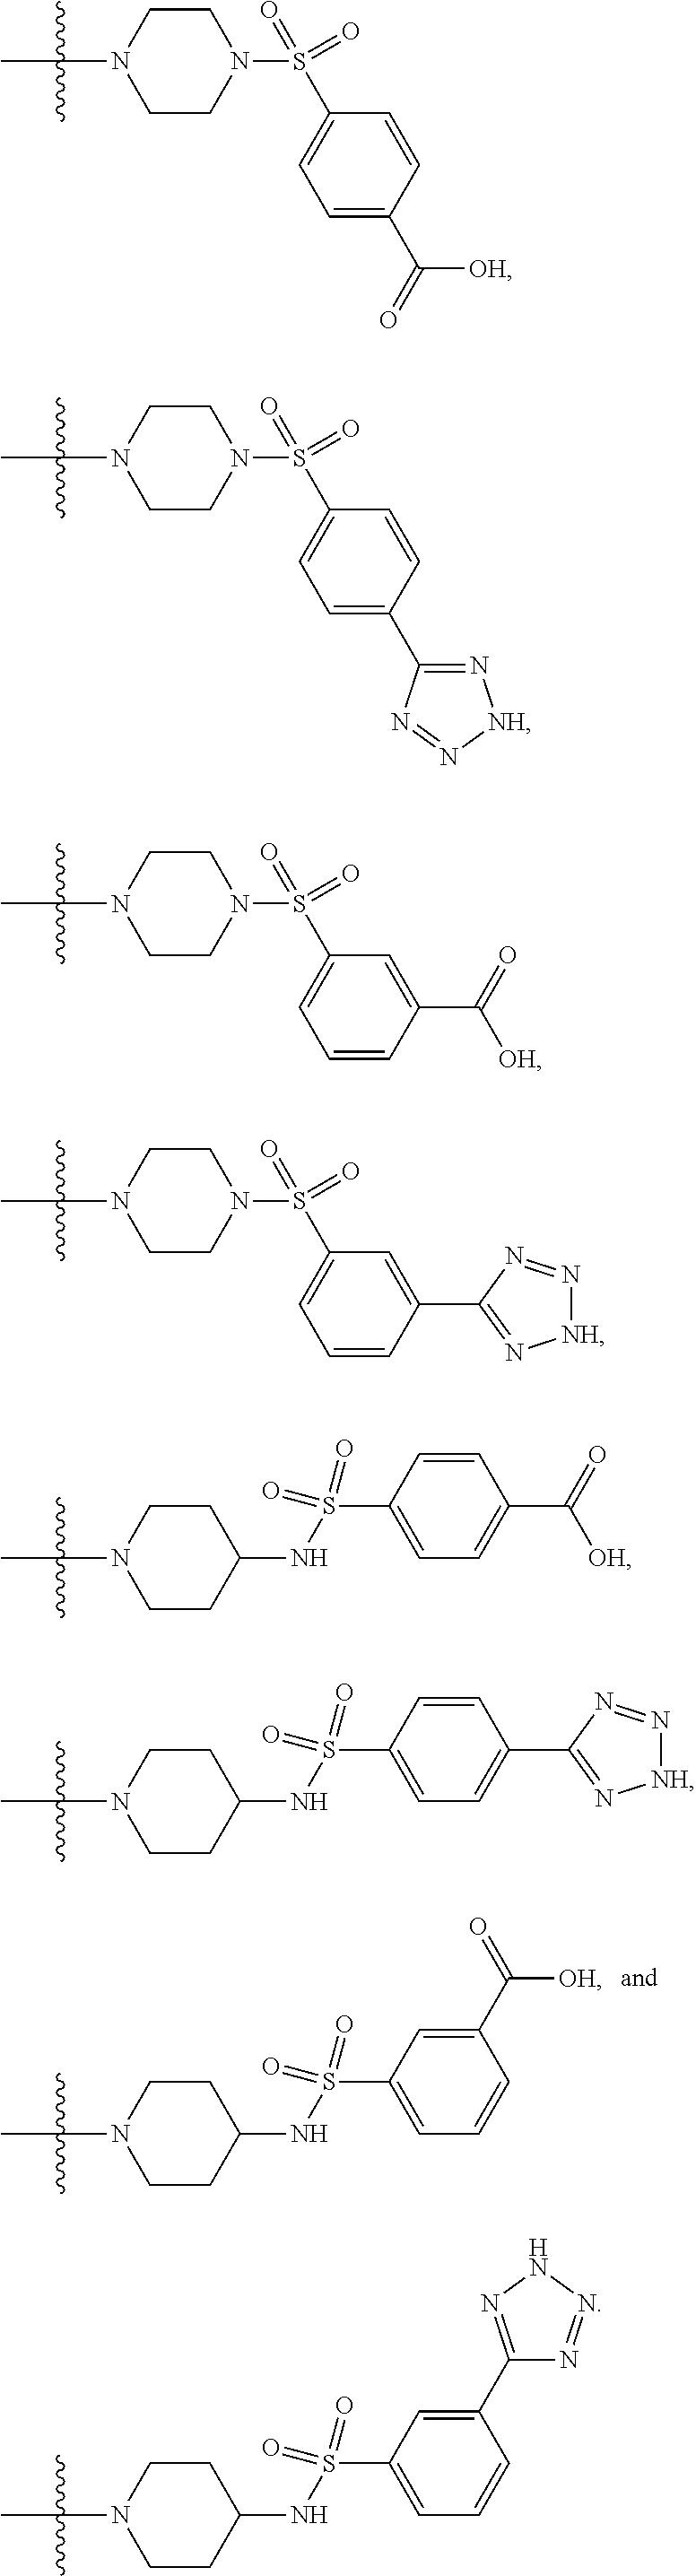 Figure US09278987-20160308-C00052